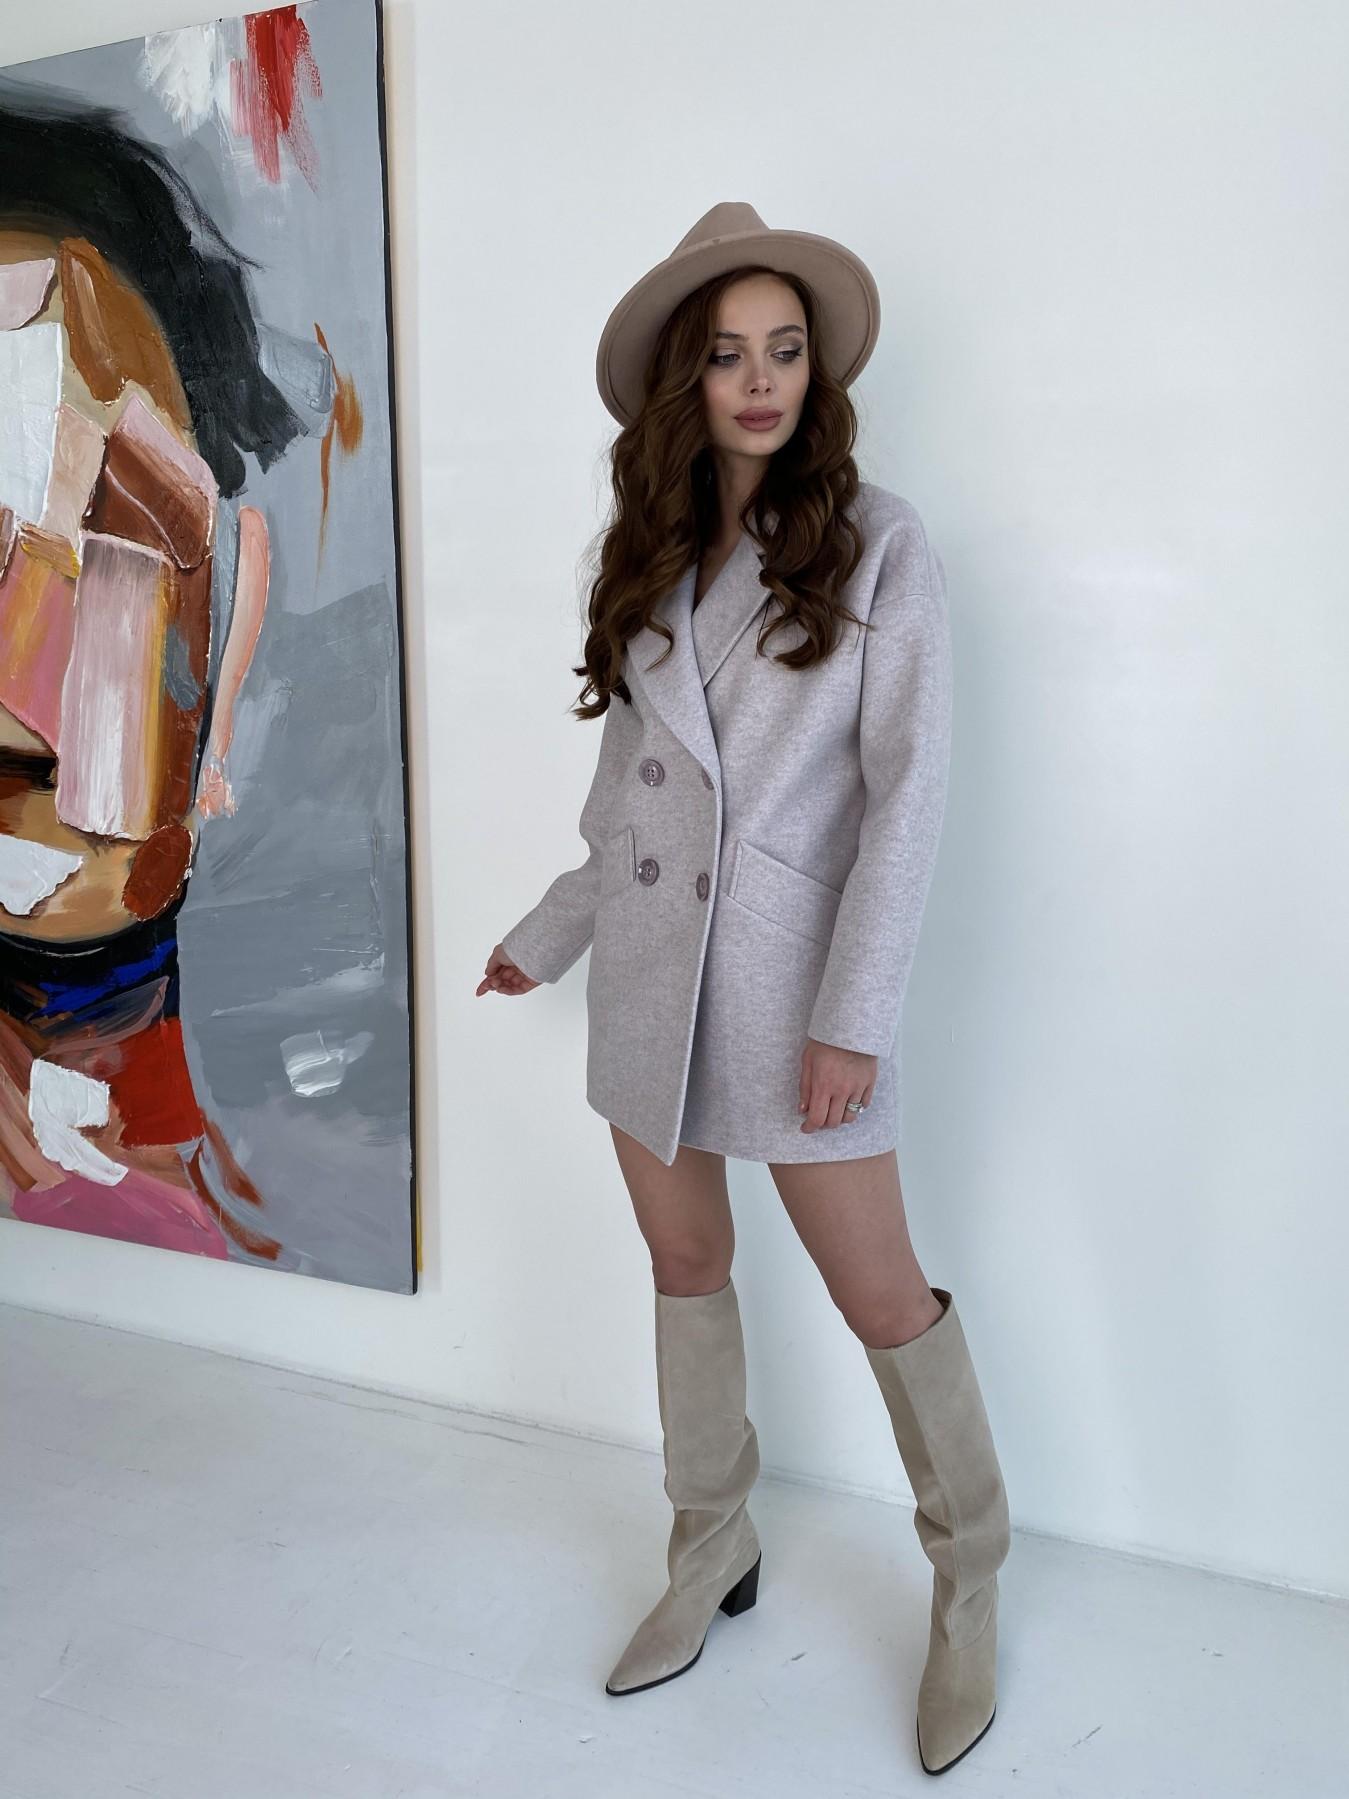 Бонд пальто  кашемировое меланж на трикотаже  10644 АРТ. 47161 Цвет: Бежевый меланж - фото 1, интернет магазин tm-modus.ru